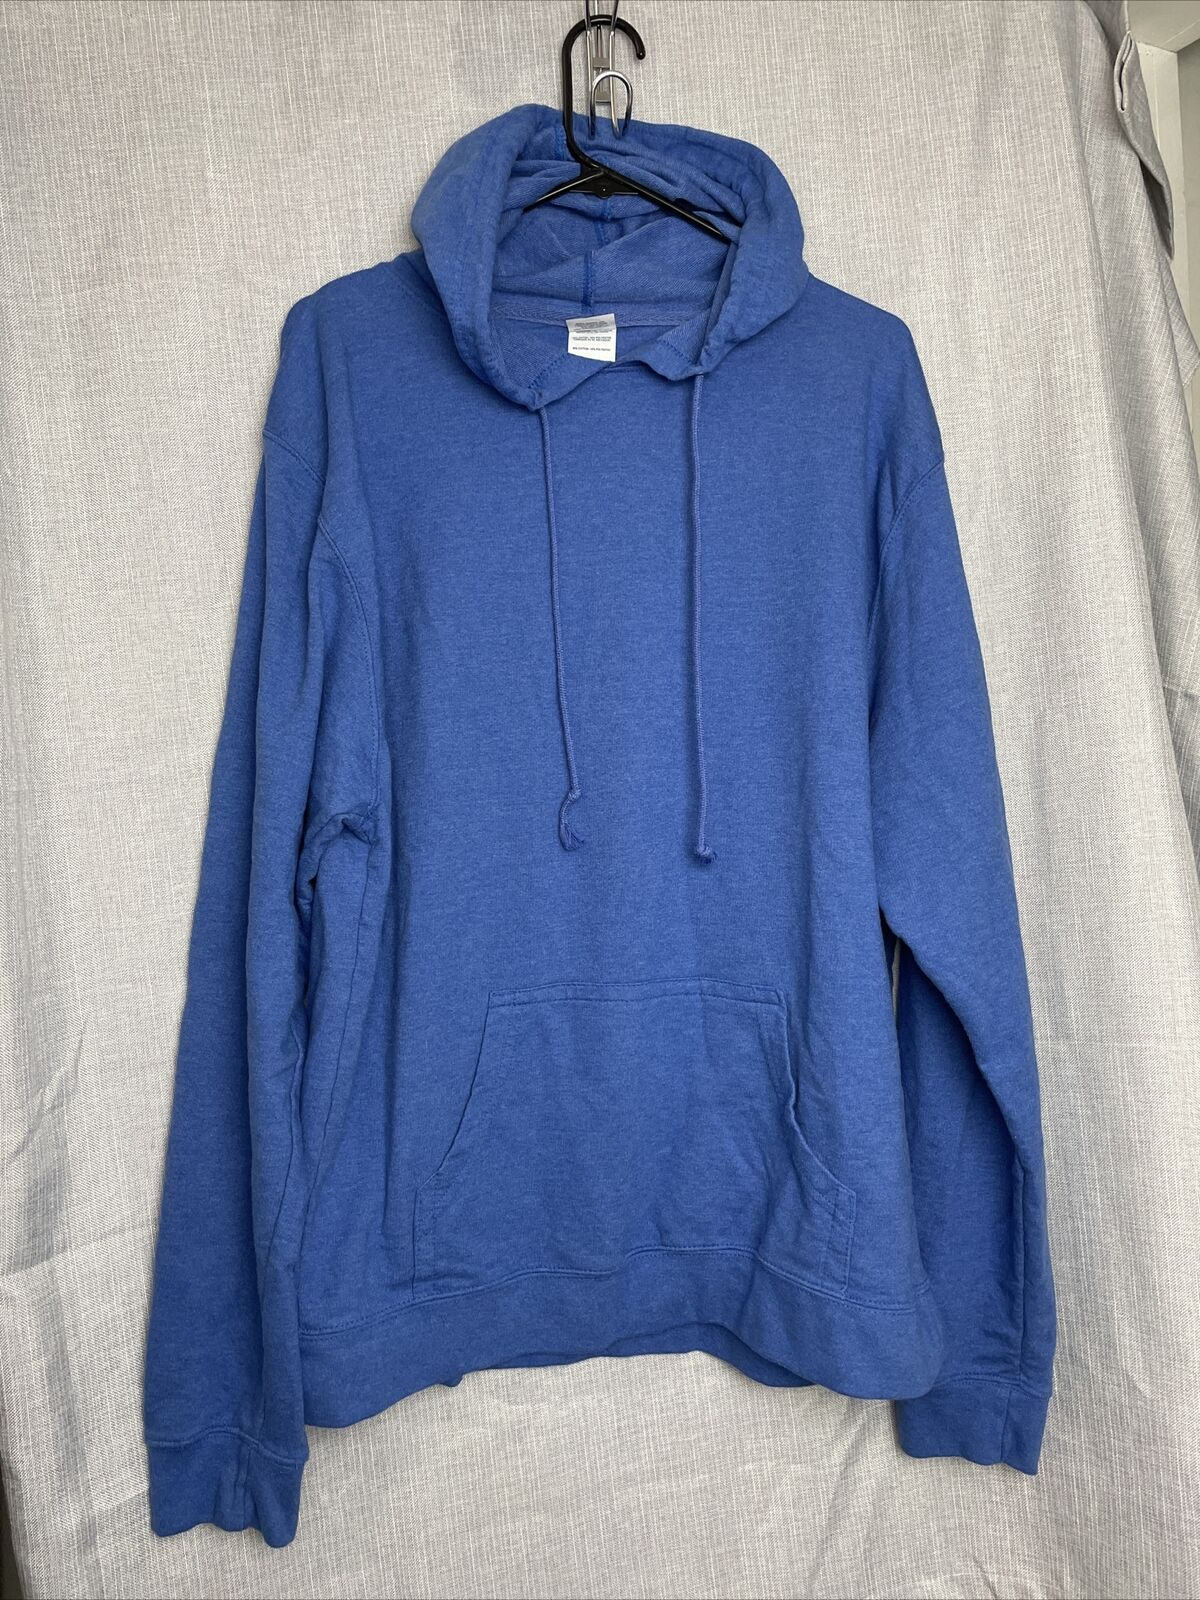 Mork And Mindy Nanu Nanu Blue Sweatshirt Size 2XL… - image 4